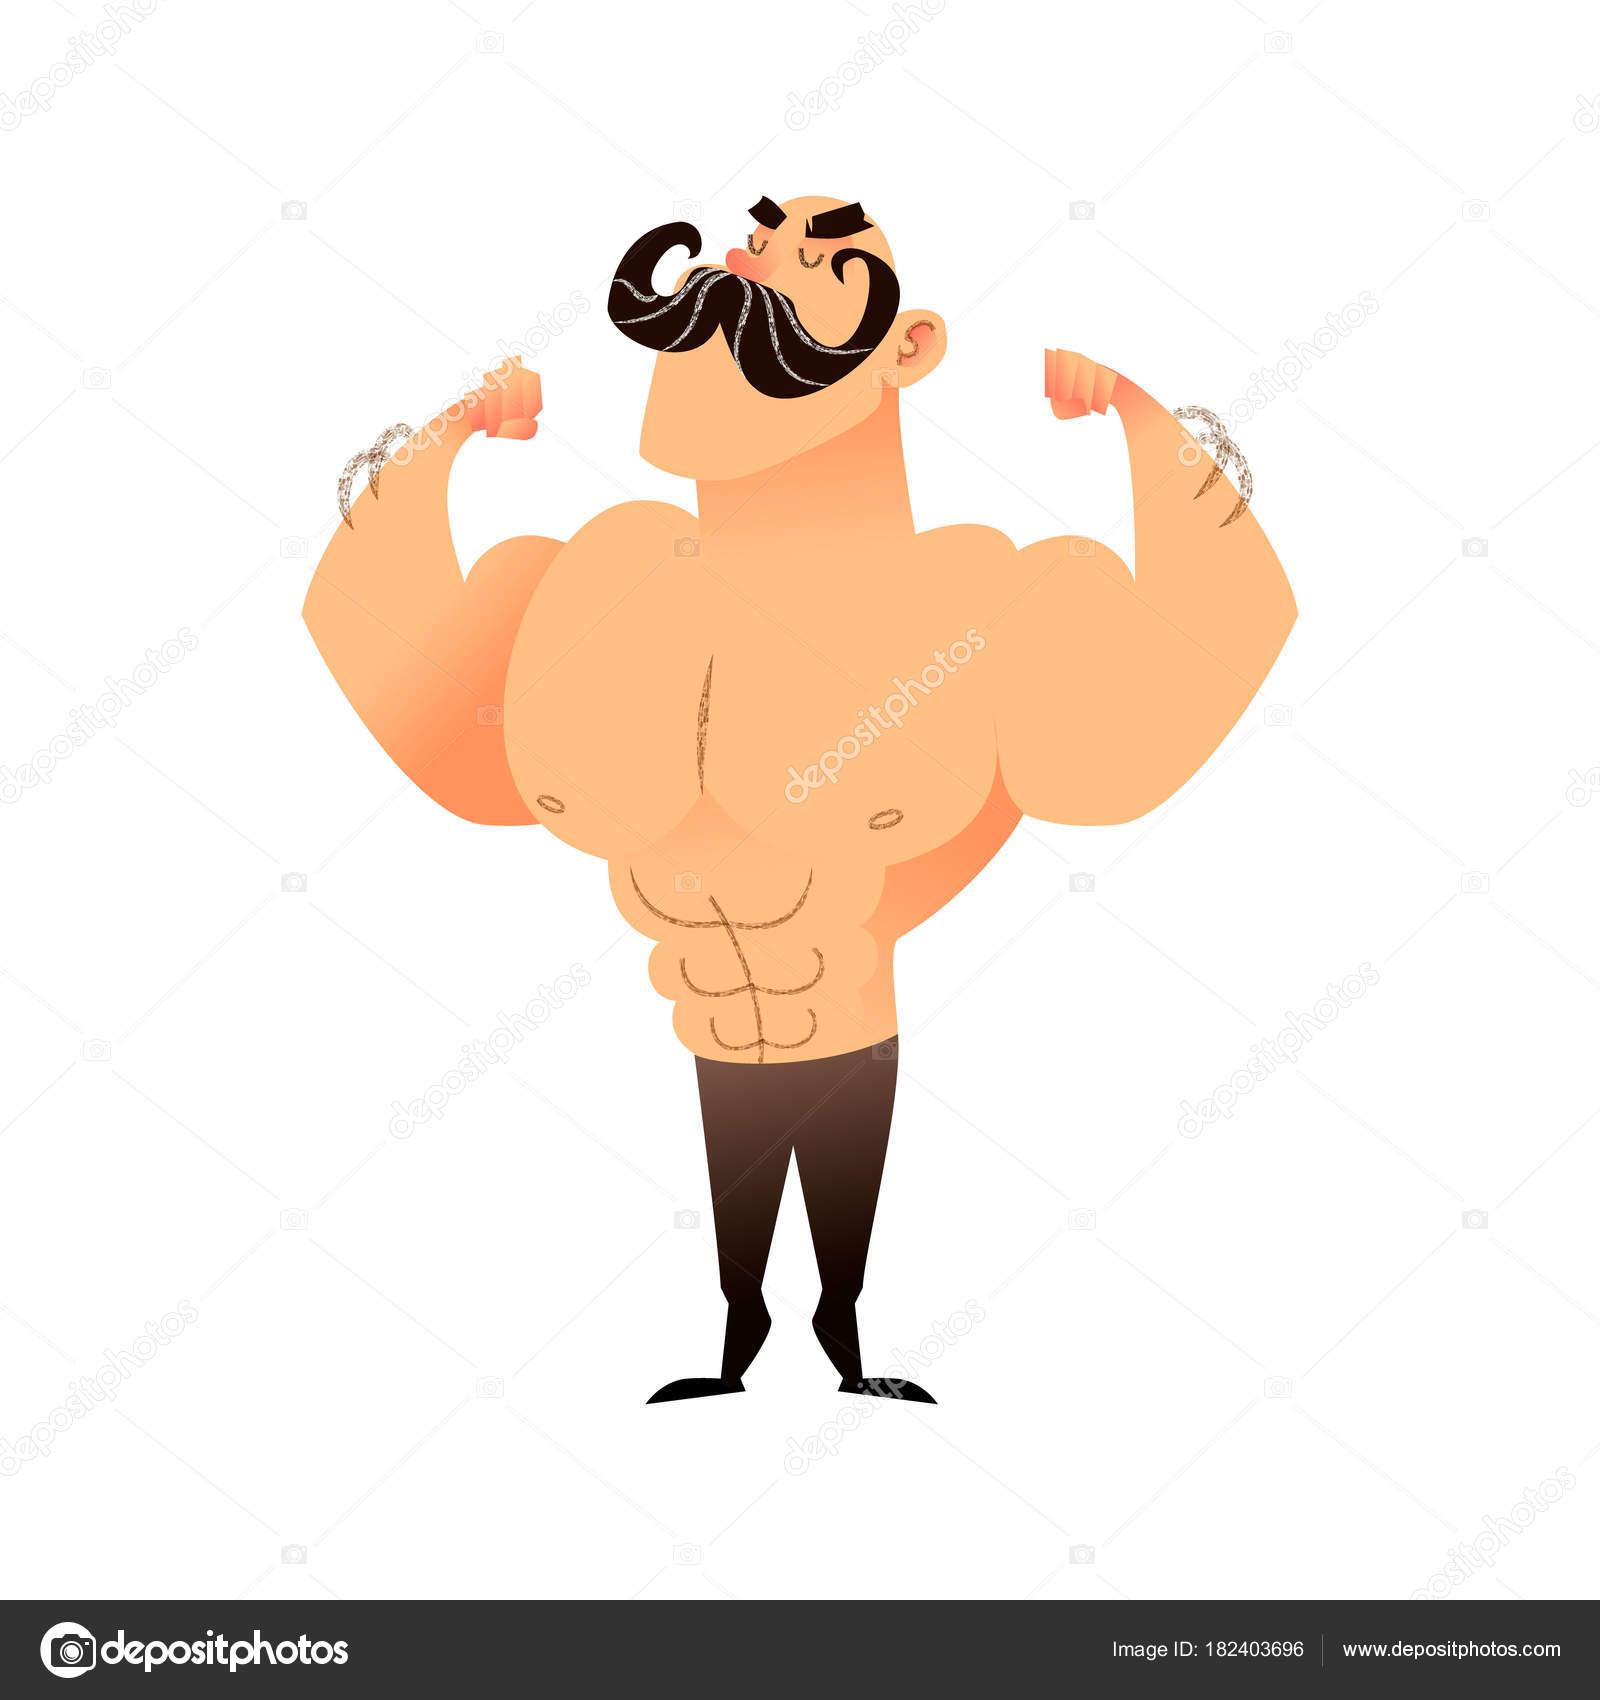 Personaggio dei cartoni animati divertente un uomo serio